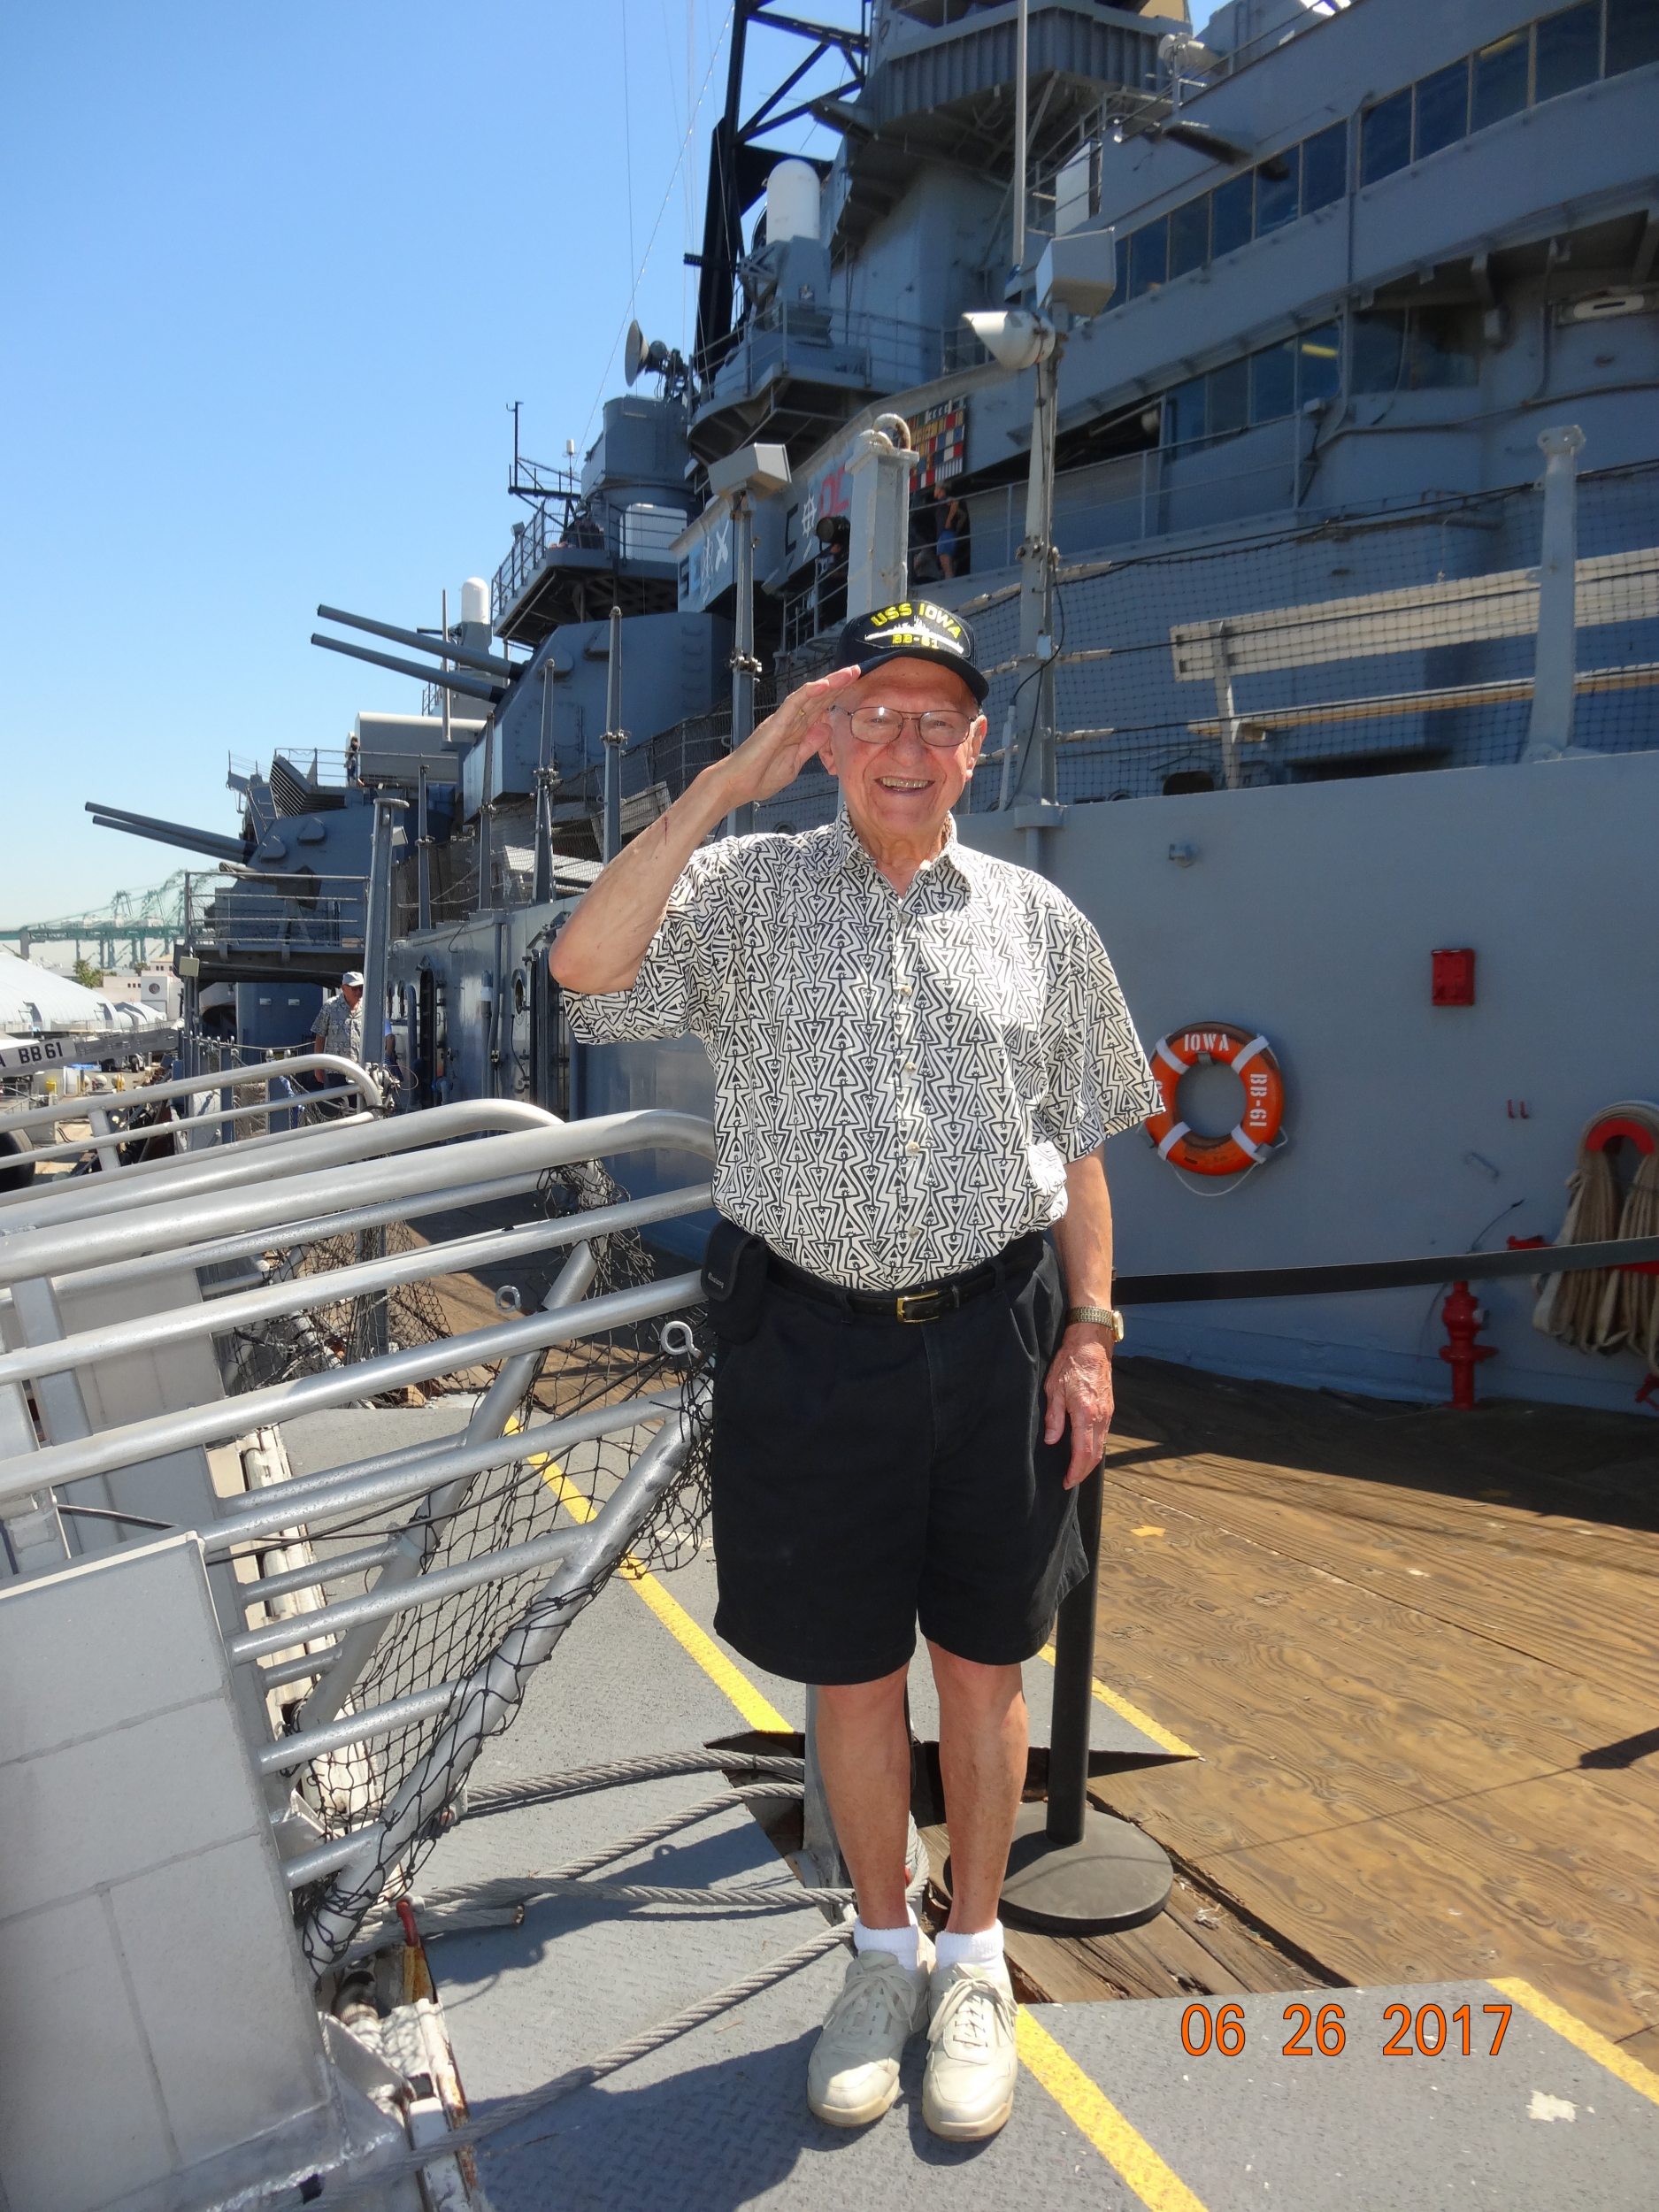 7. Dad on the USS Iowa